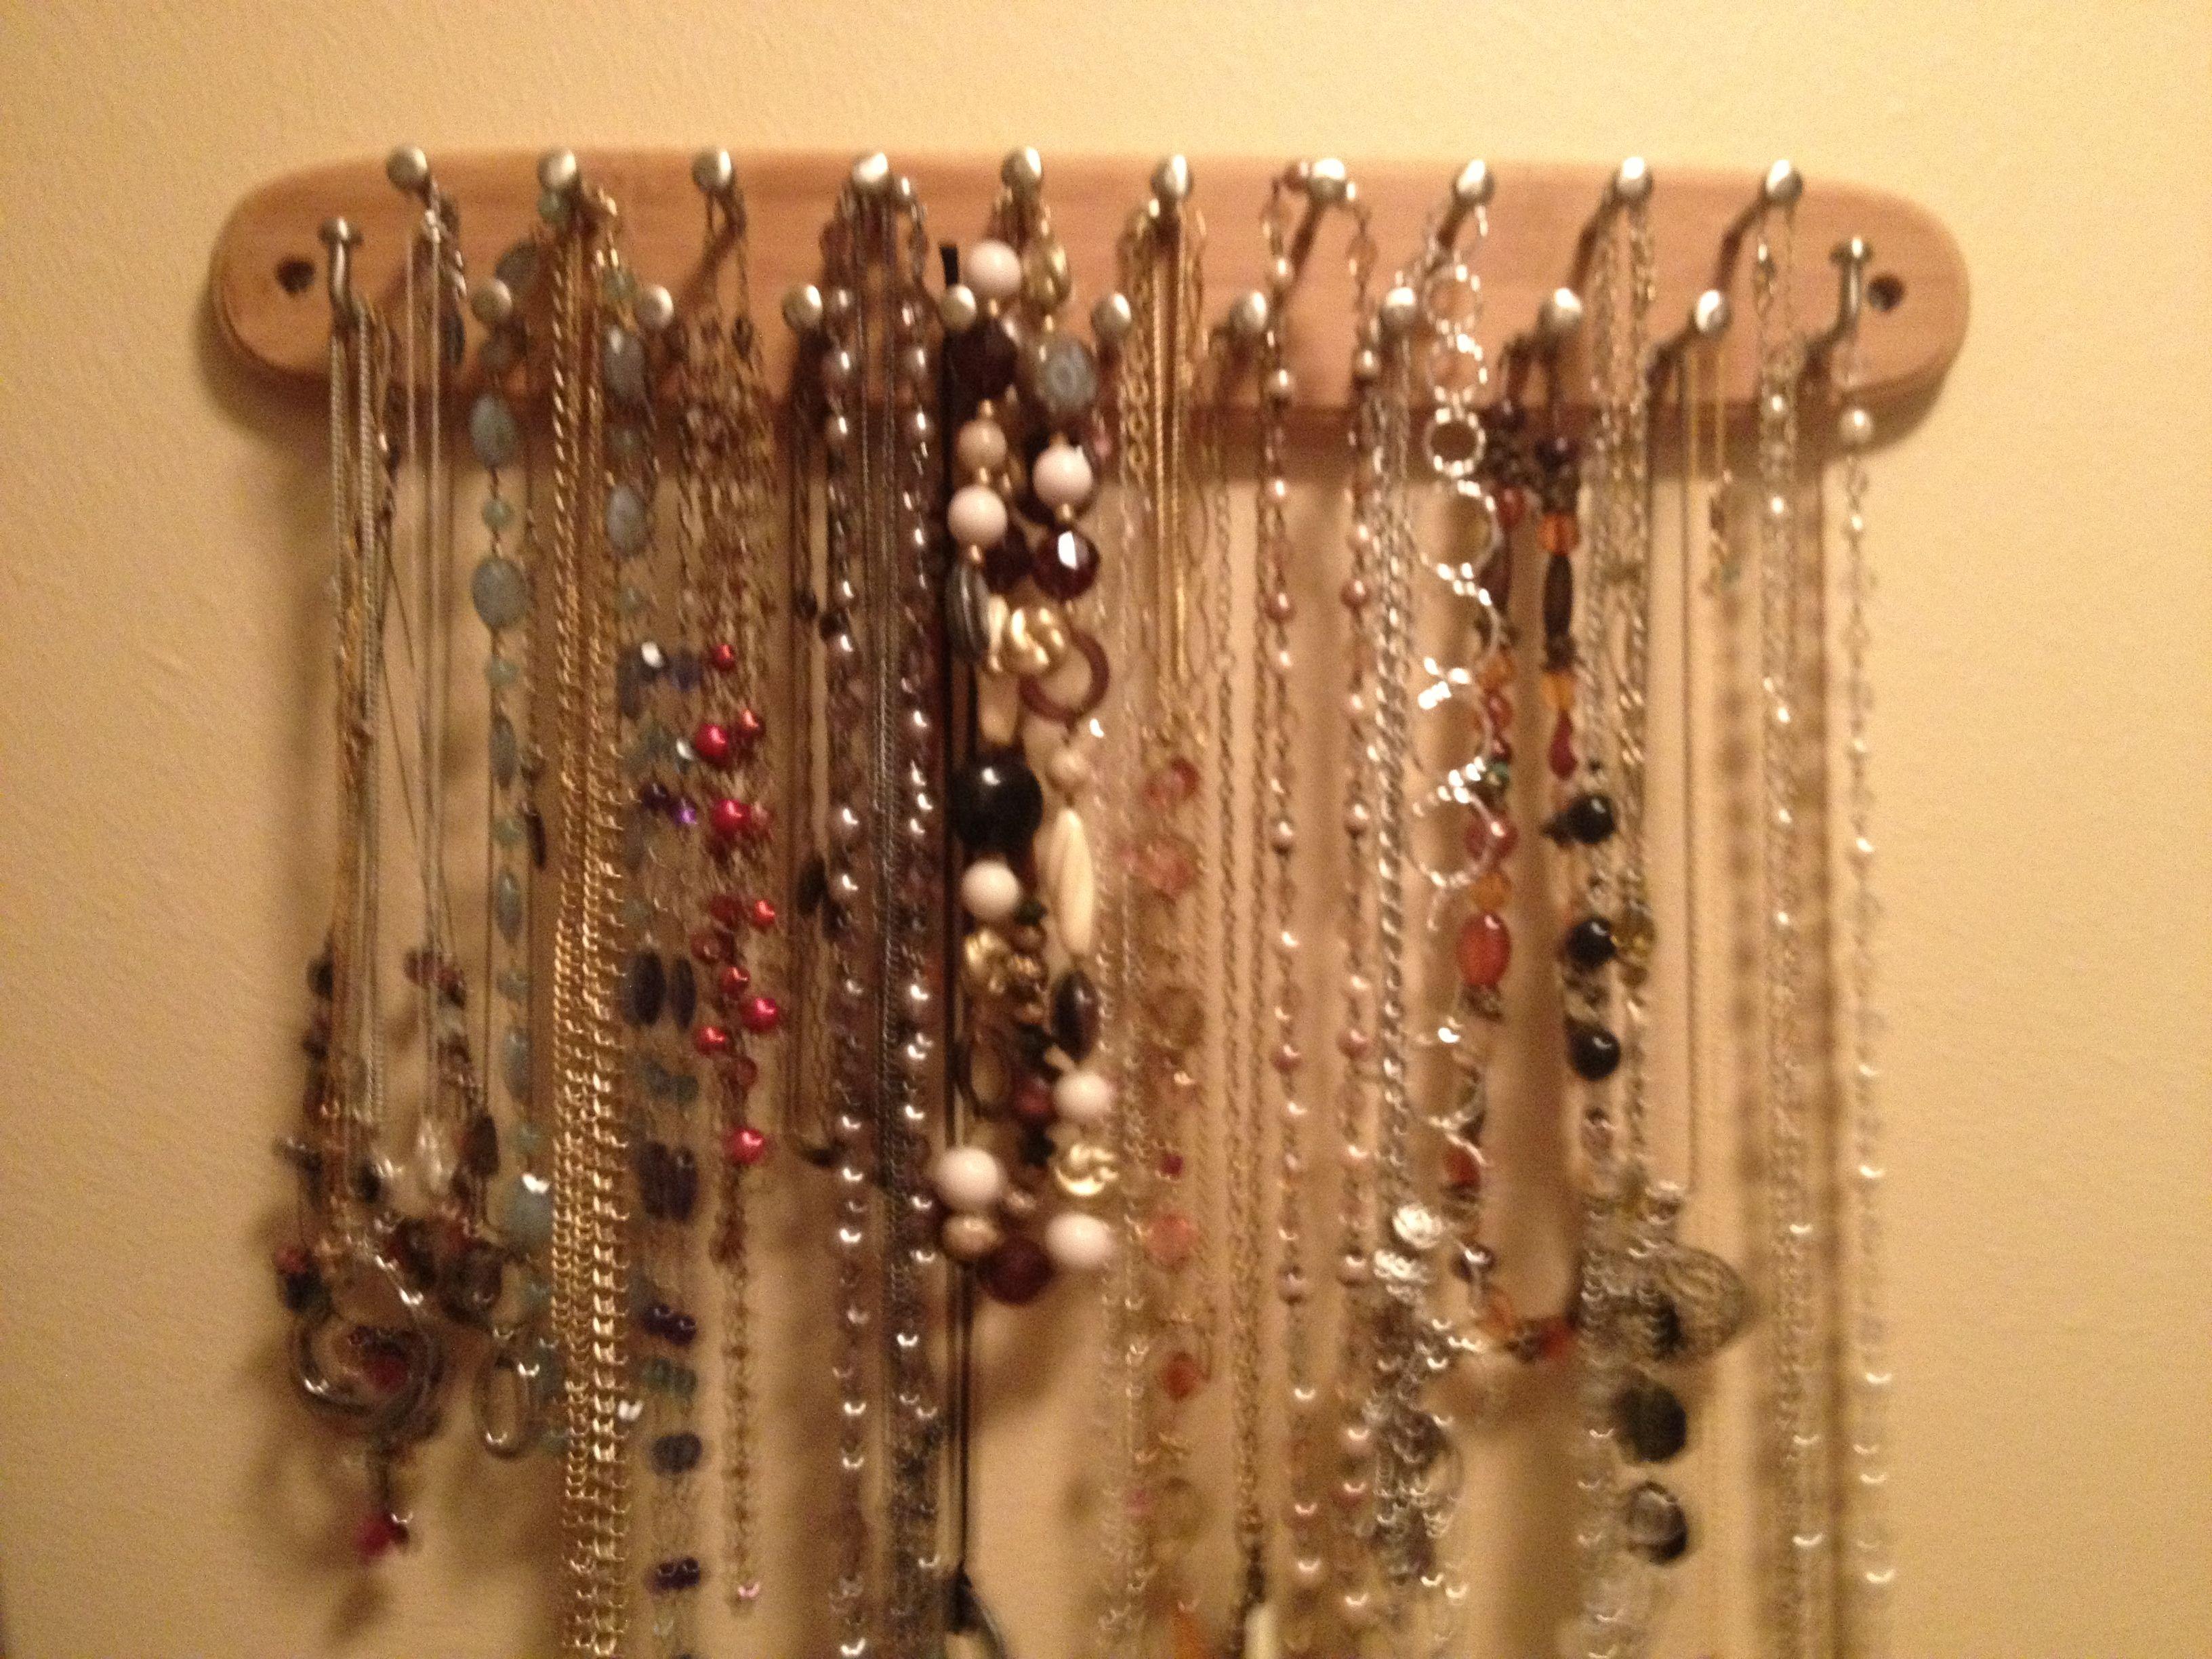 Necklace organizer from tie holder